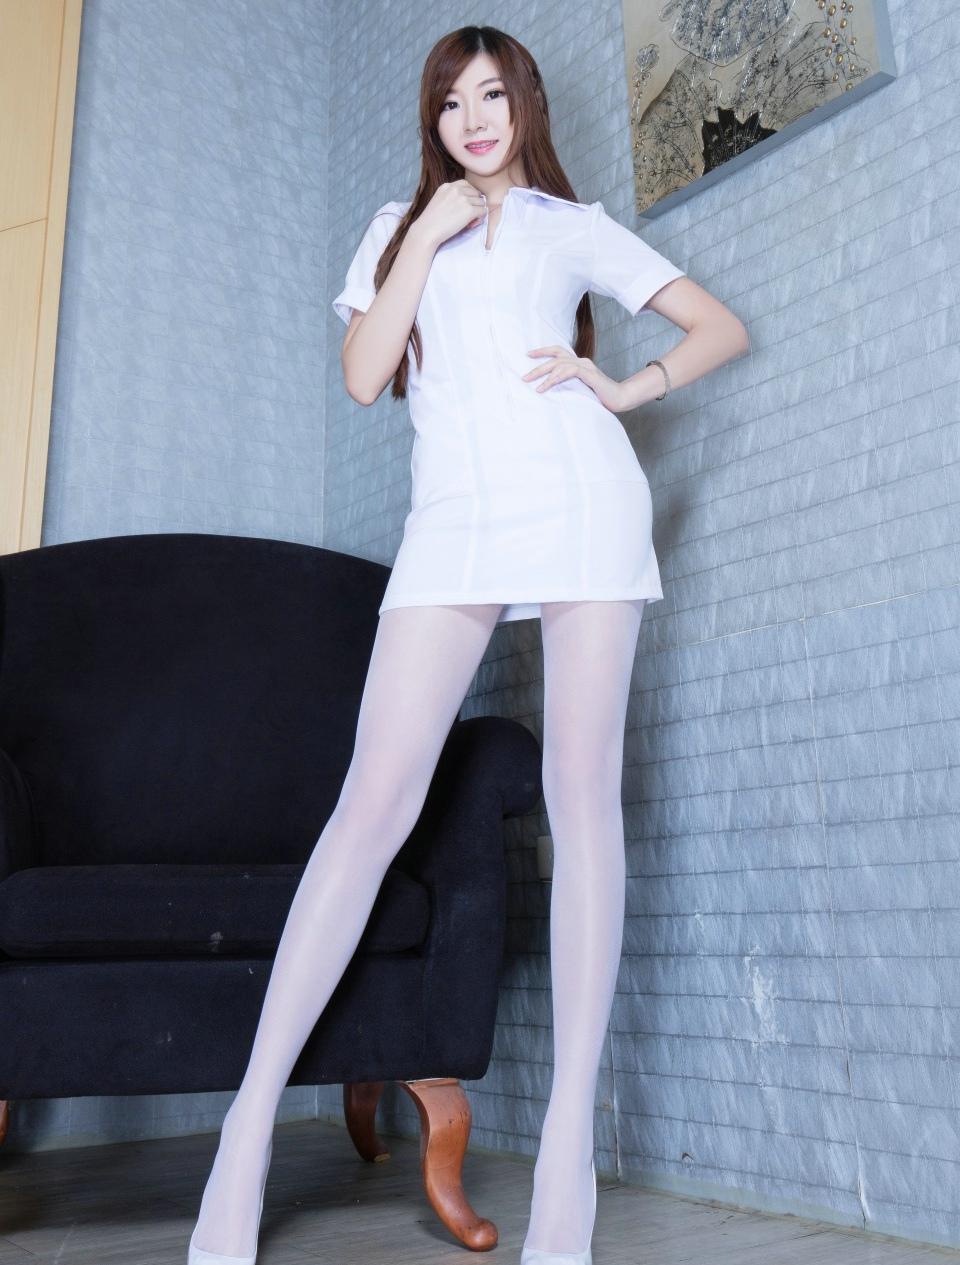 白丝丝袜美女_白丝美女小护士大胆性感丝袜美腿白衣天使诱惑写真_美女图片 ...